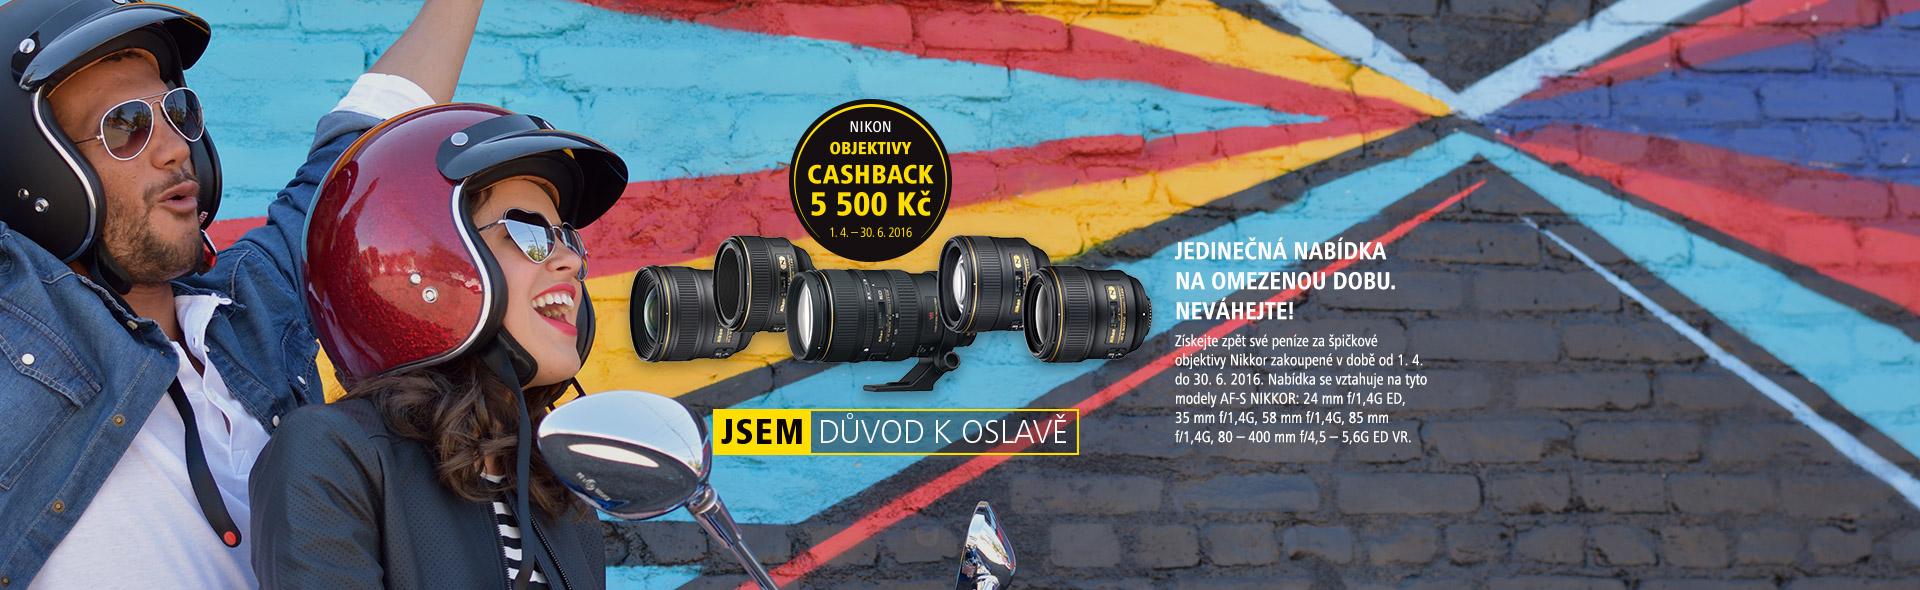 jarní cashback Nikon